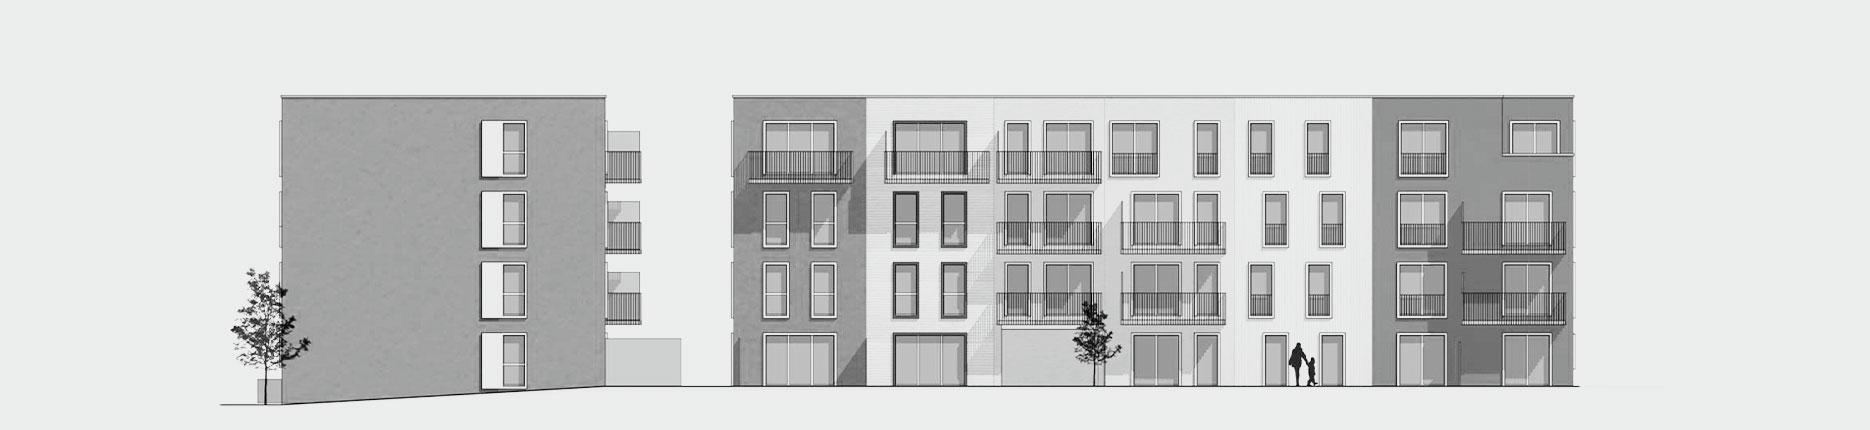 Architekturzeichnung - Diese Zeichnung zeigt ein Bauprojekt für Kapitalanleger in Hamburg Jenfeld.